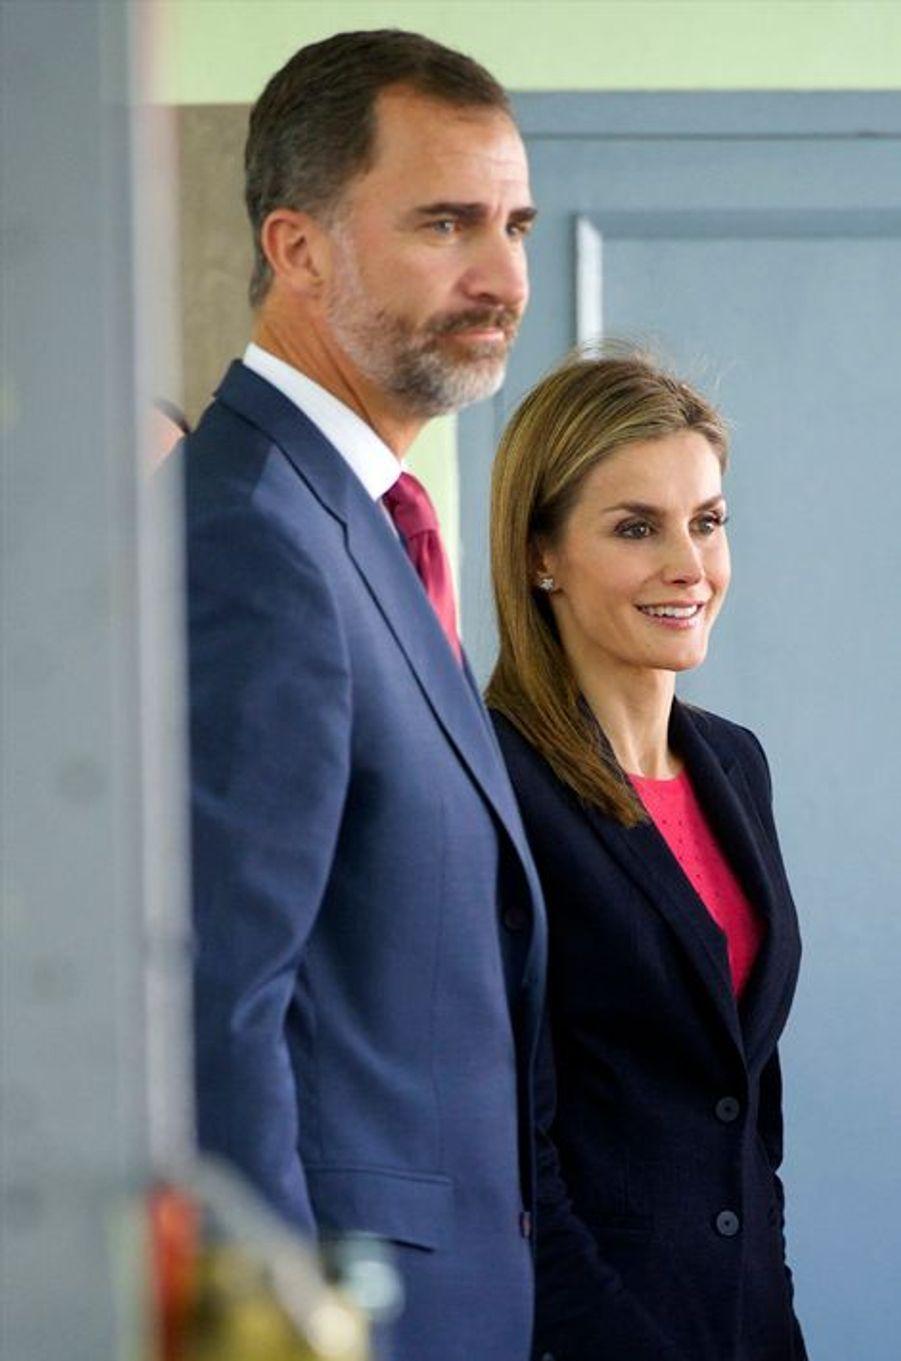 Le roi Felipe VI d'Espagne et la reine Letizia dans une école secondaire à Calahorra dans La Rioja, le 7 octobre 2014